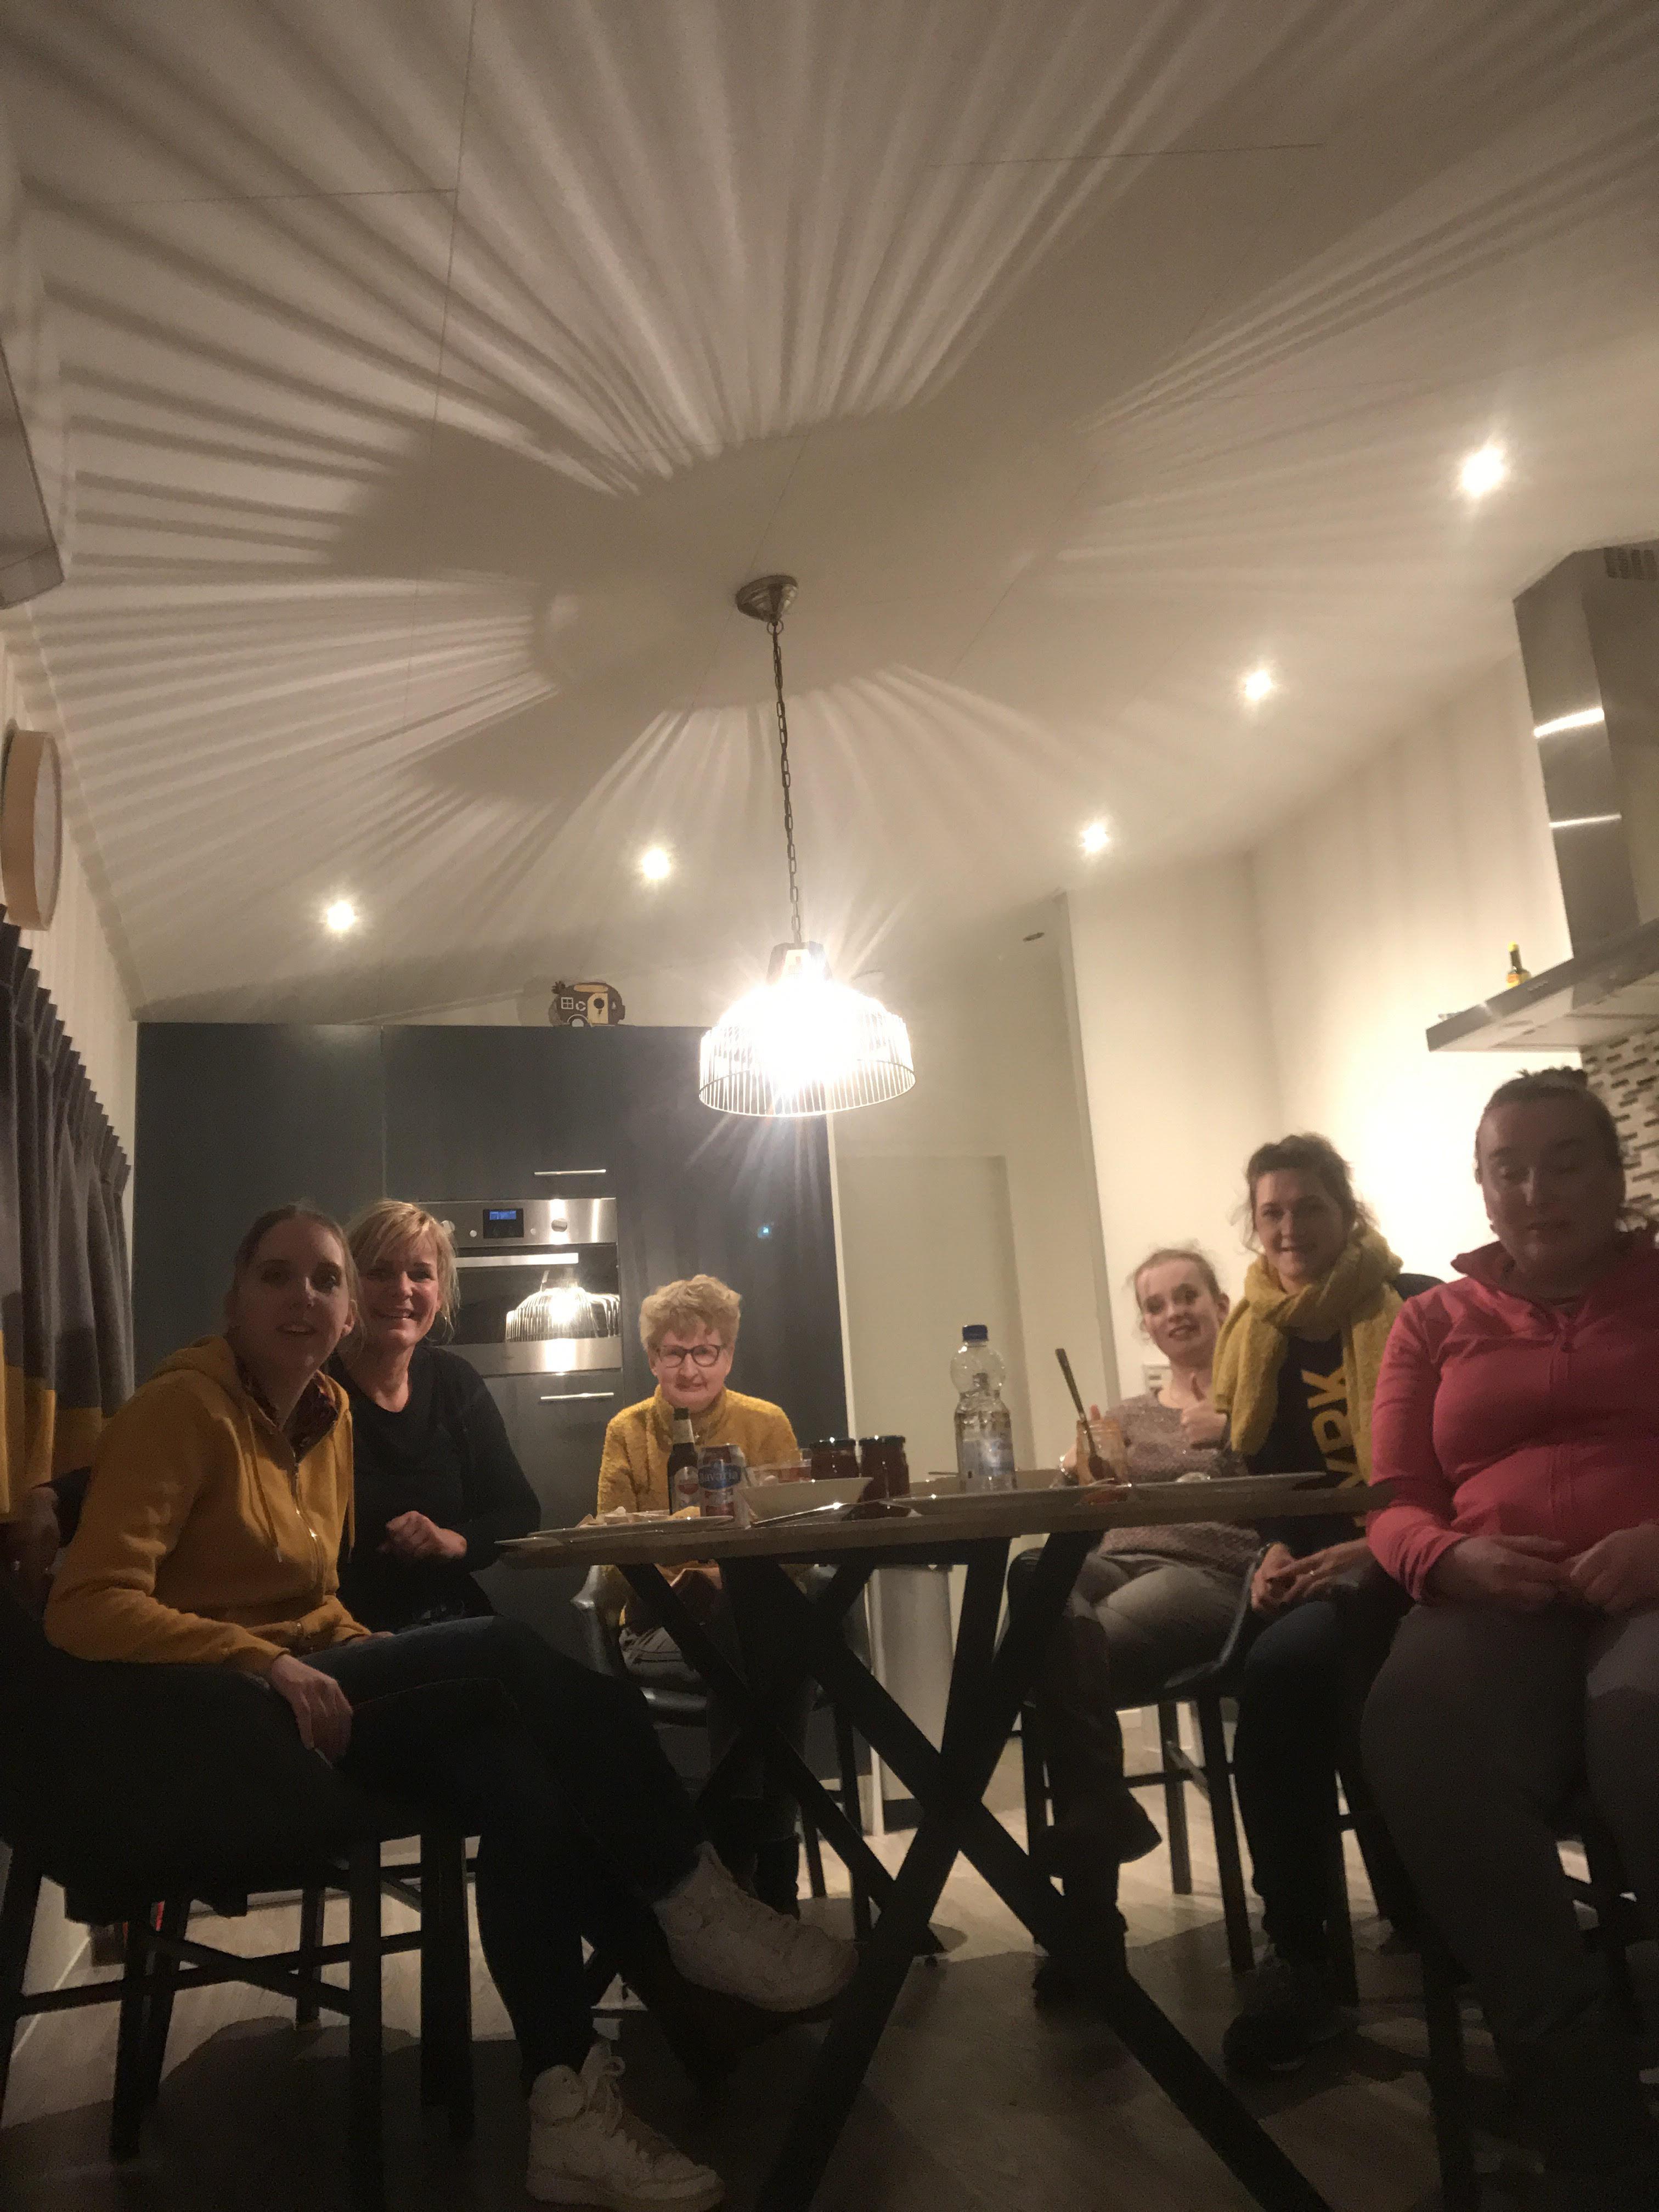 Bewonersvakantie met de dames december 2018